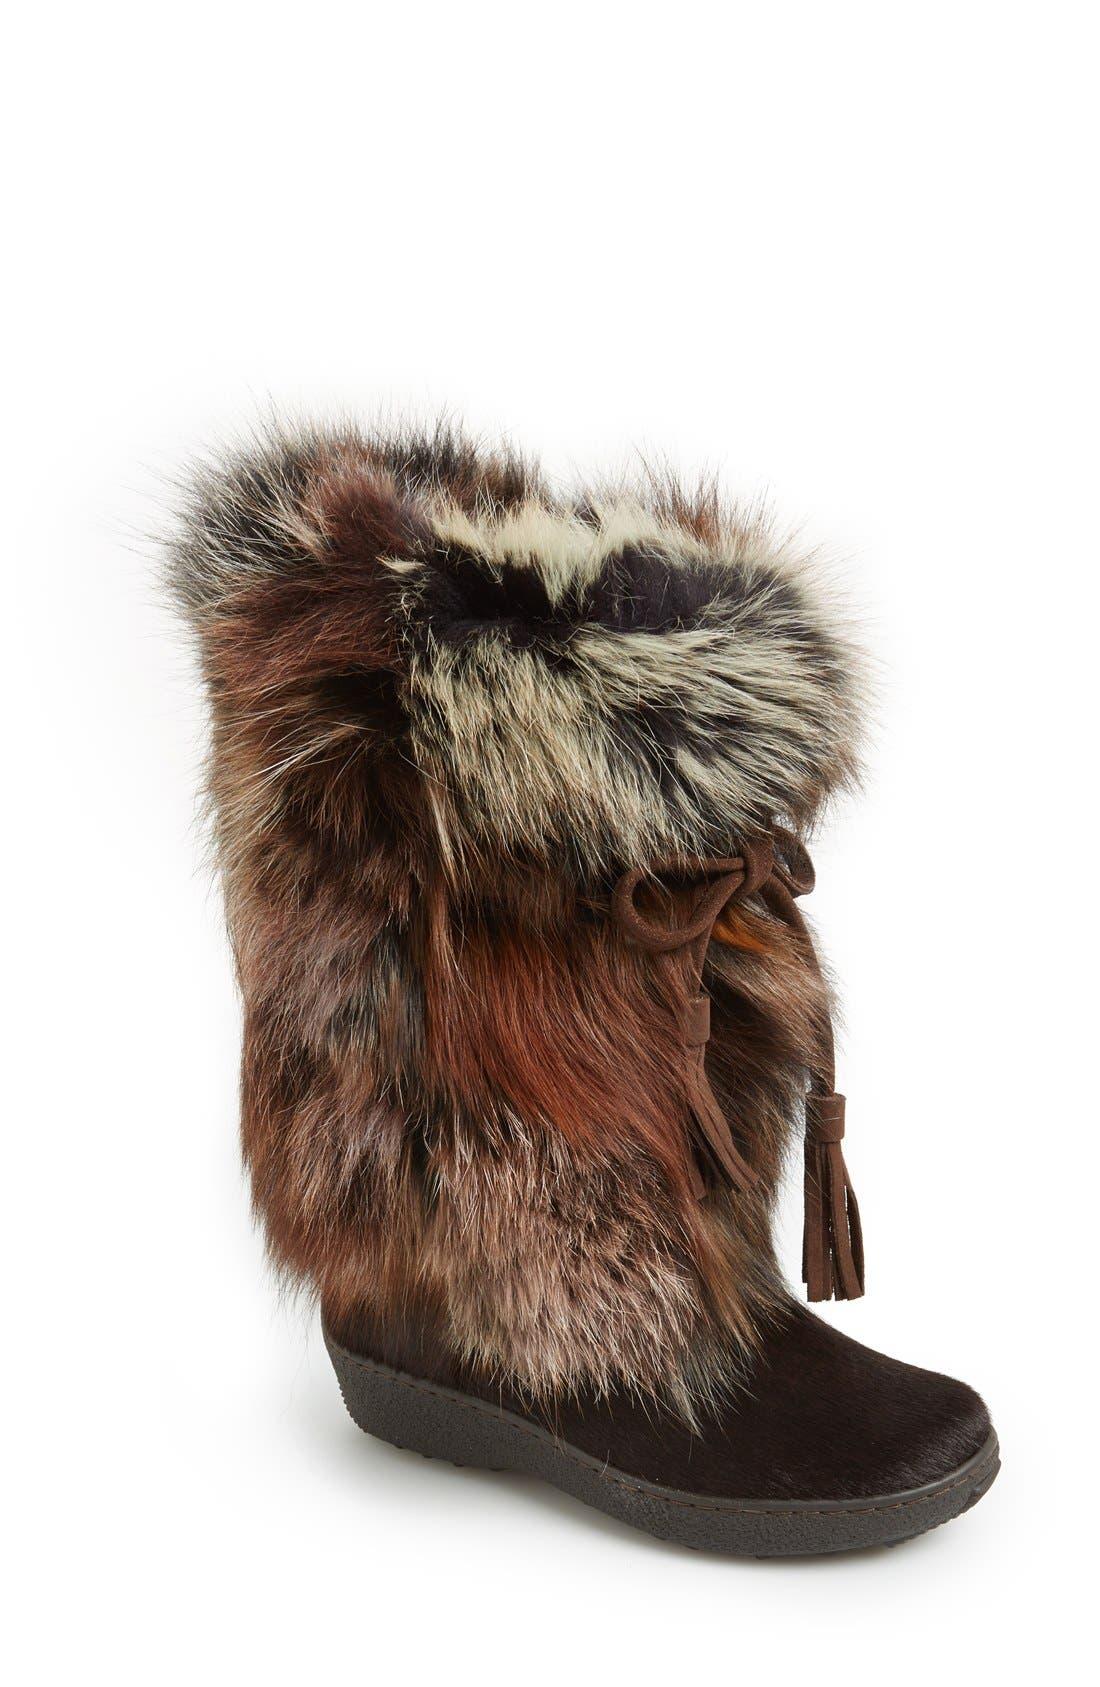 Alternate Image 1 Selected - Pajar 'Fox Trot' Genuine Fox Fur & Calf Hair Boot (Women)